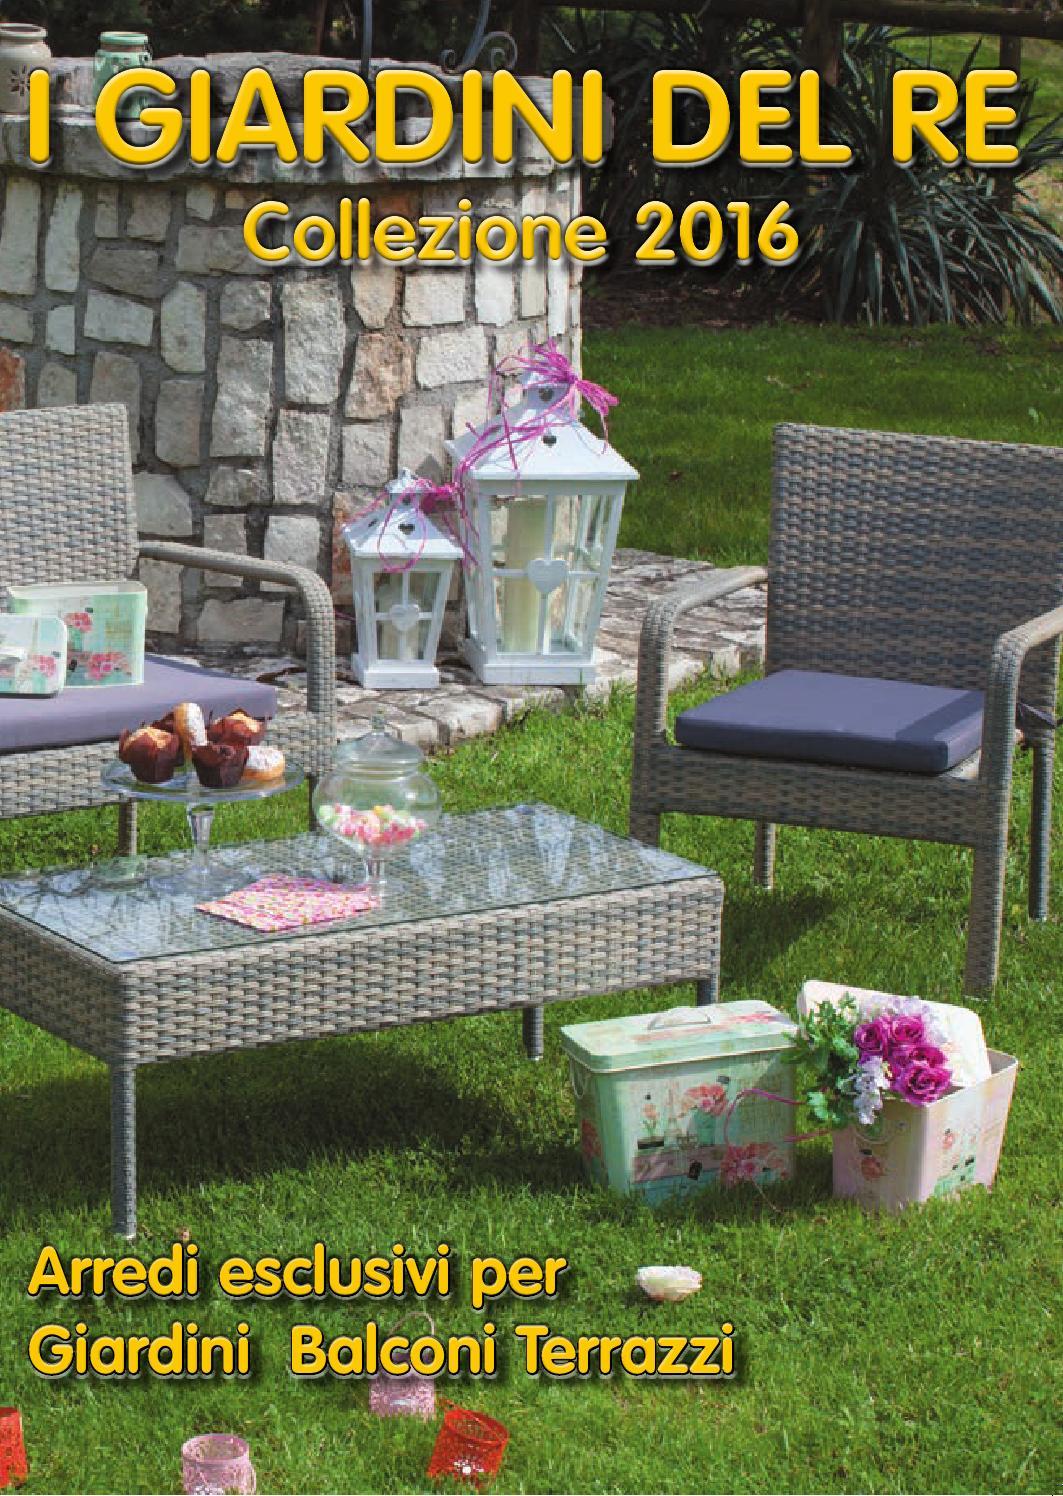 I giardini del re 2016 by spaziocolore issuu - Giardini del re ...